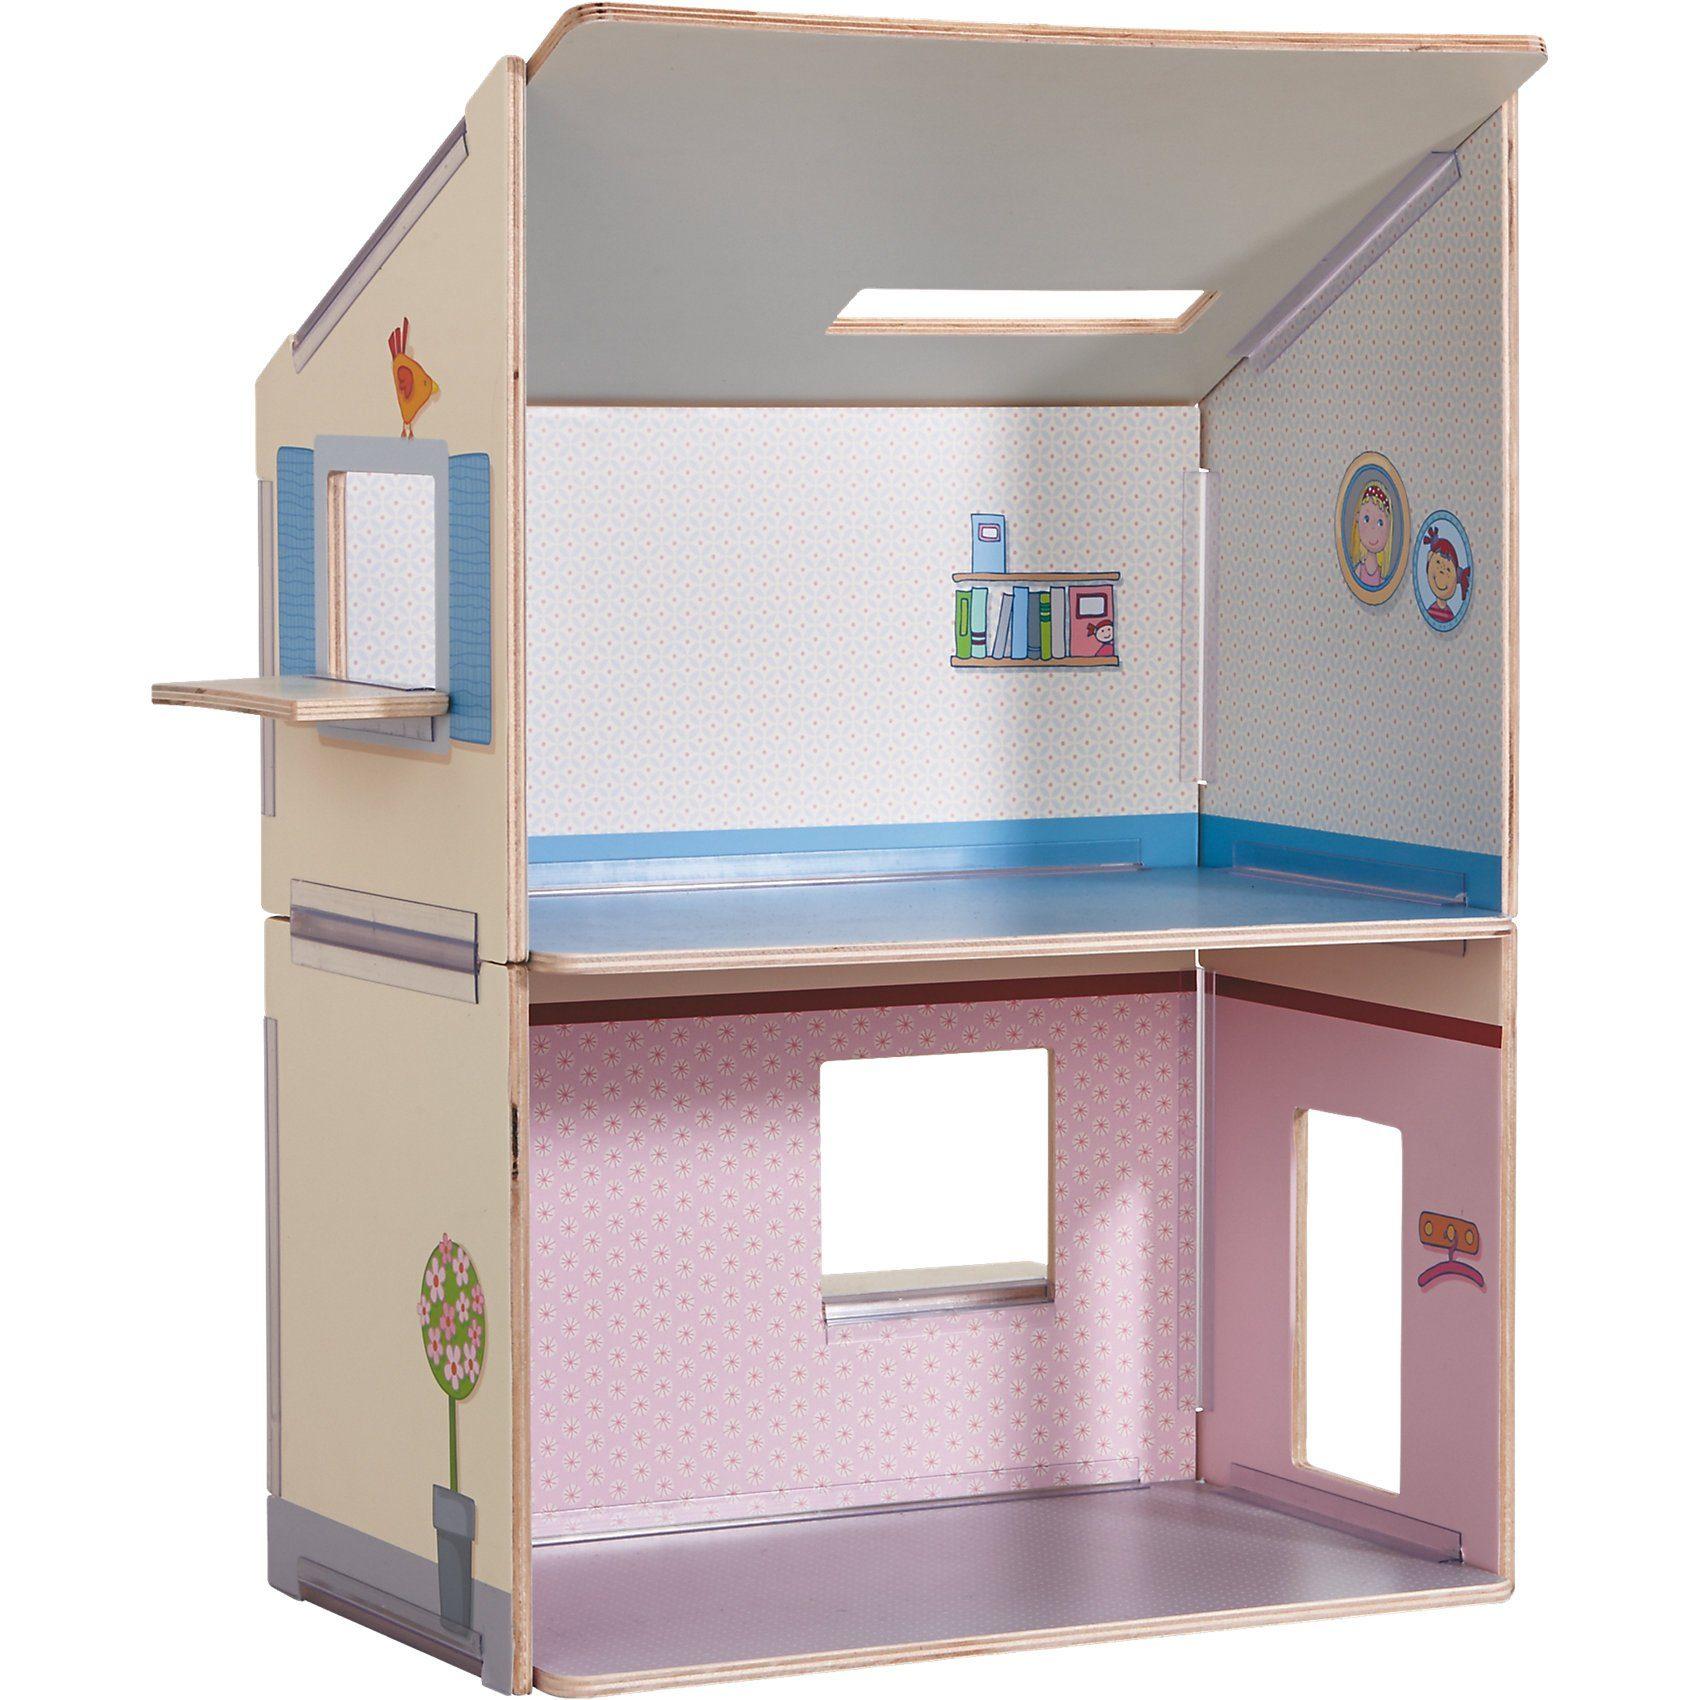 Haba 300504 Puppenhaus Little Friends Traumhaus